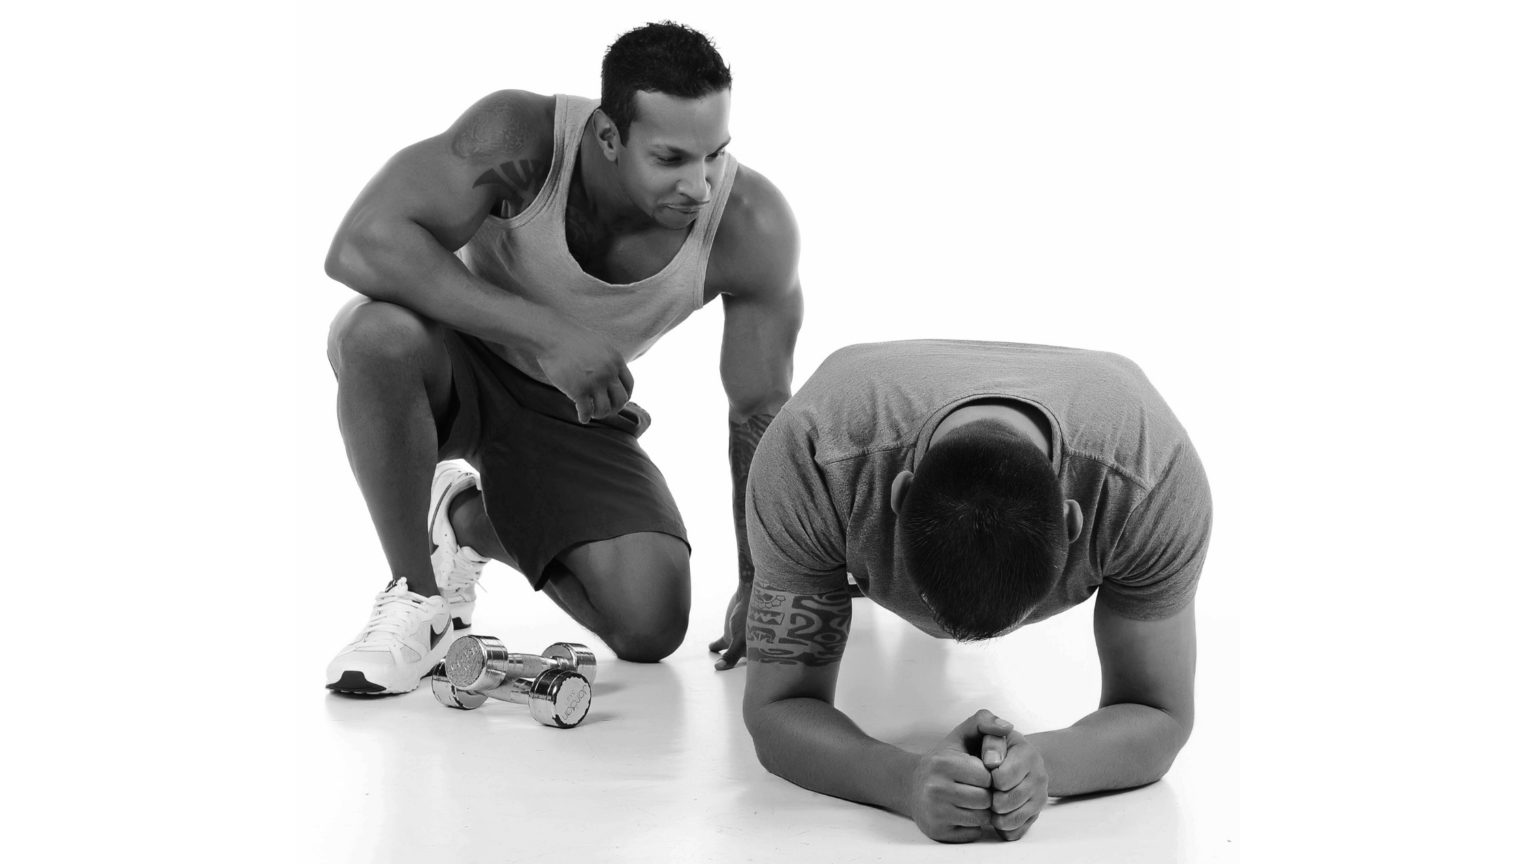 ヘビーデューティートレーニング